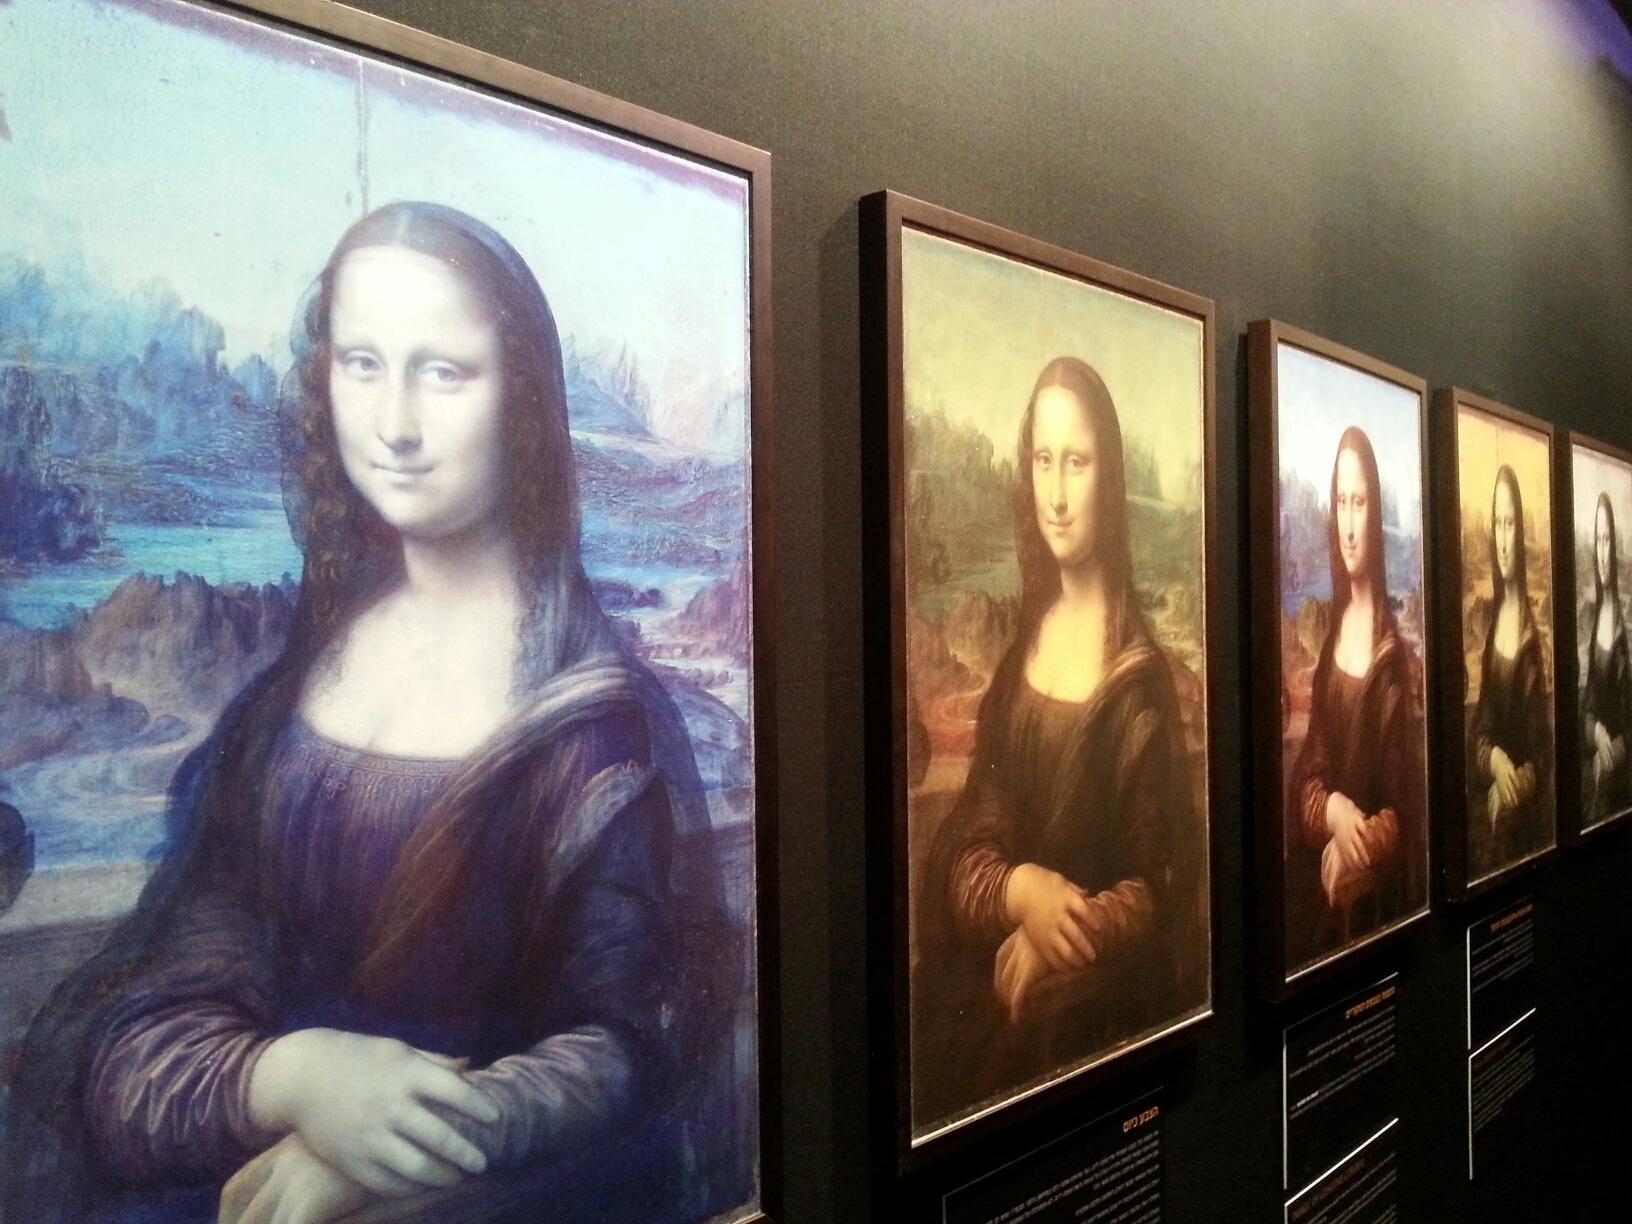 הגאונות של לאונרדו דה וינצ'י, החיוך של מונה ליזה